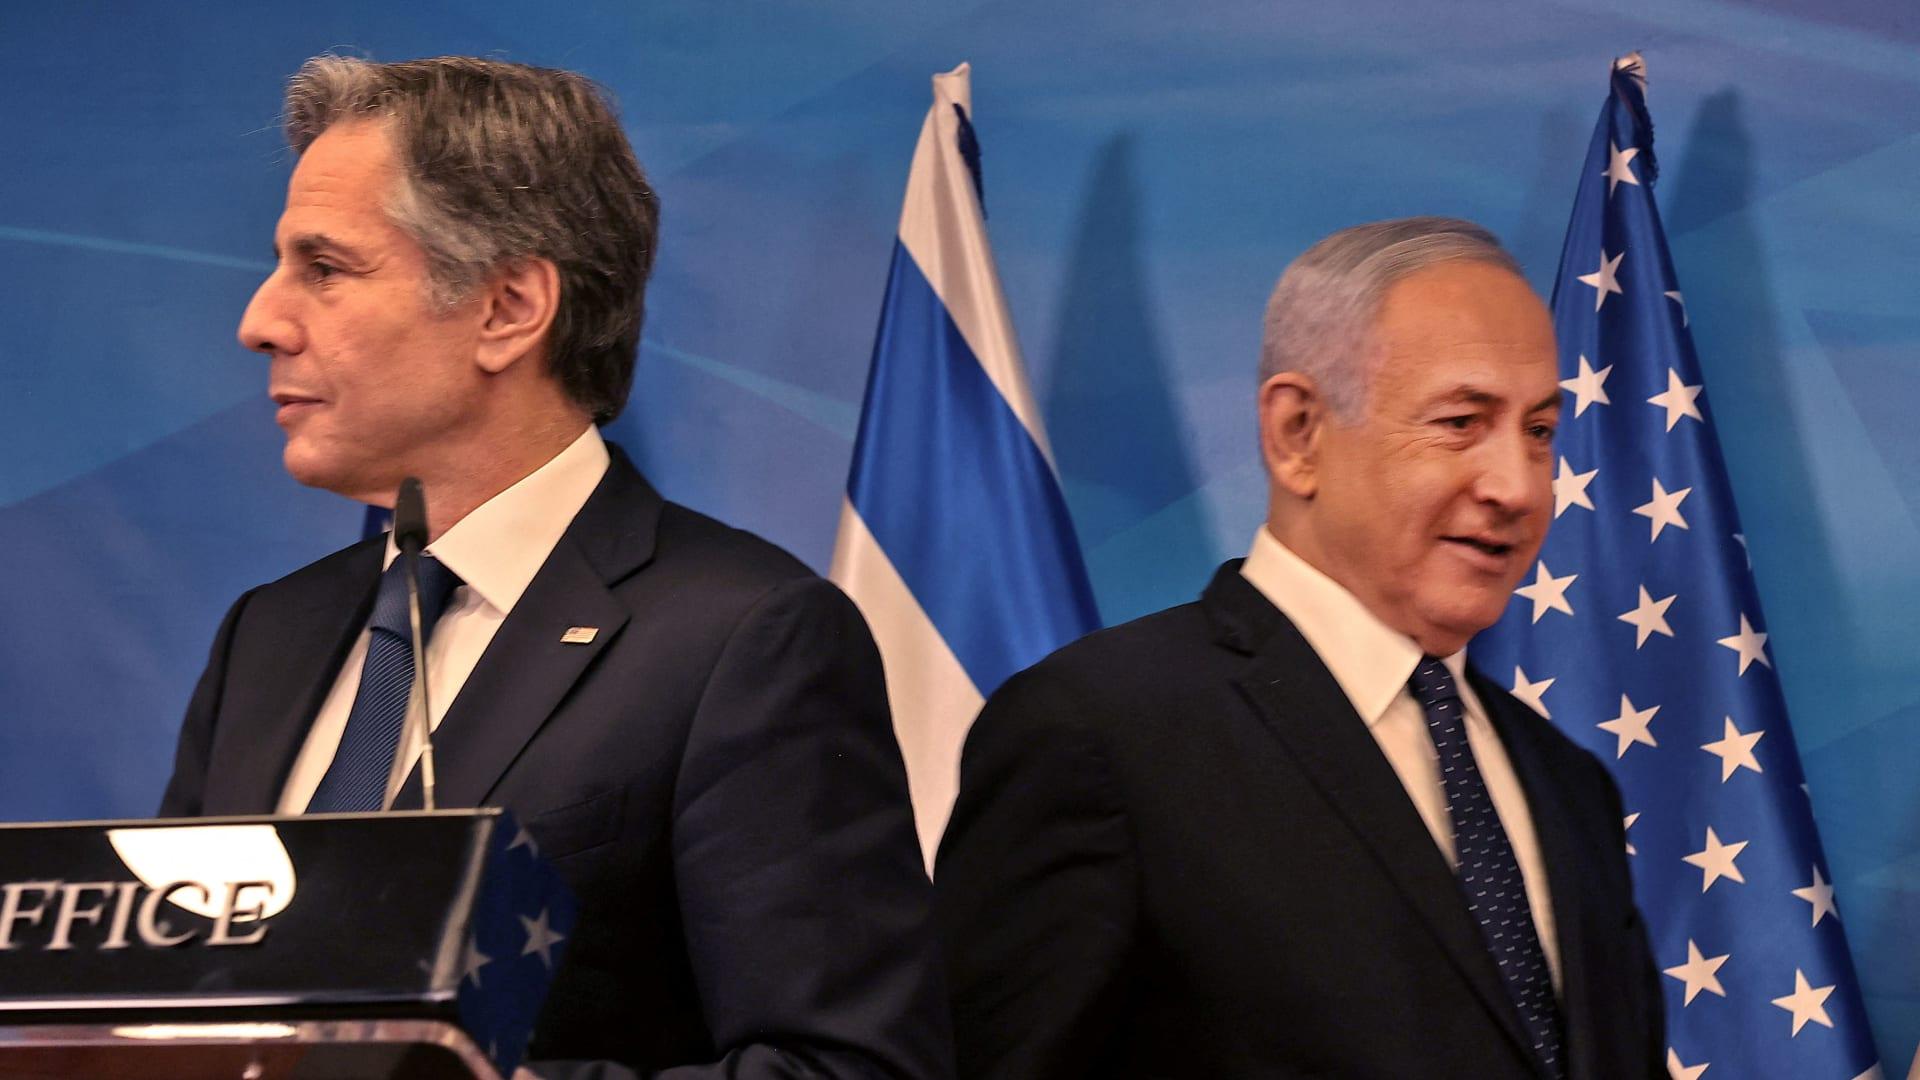 رئيس الوزراء الإسرائيلي بنيامين نتنياهو (من اليمين) ووزير الخارجية الأمريكي أنتوني بلينكن في مؤتمر صحفي مشترك بالقدس في 25 مايو 2021